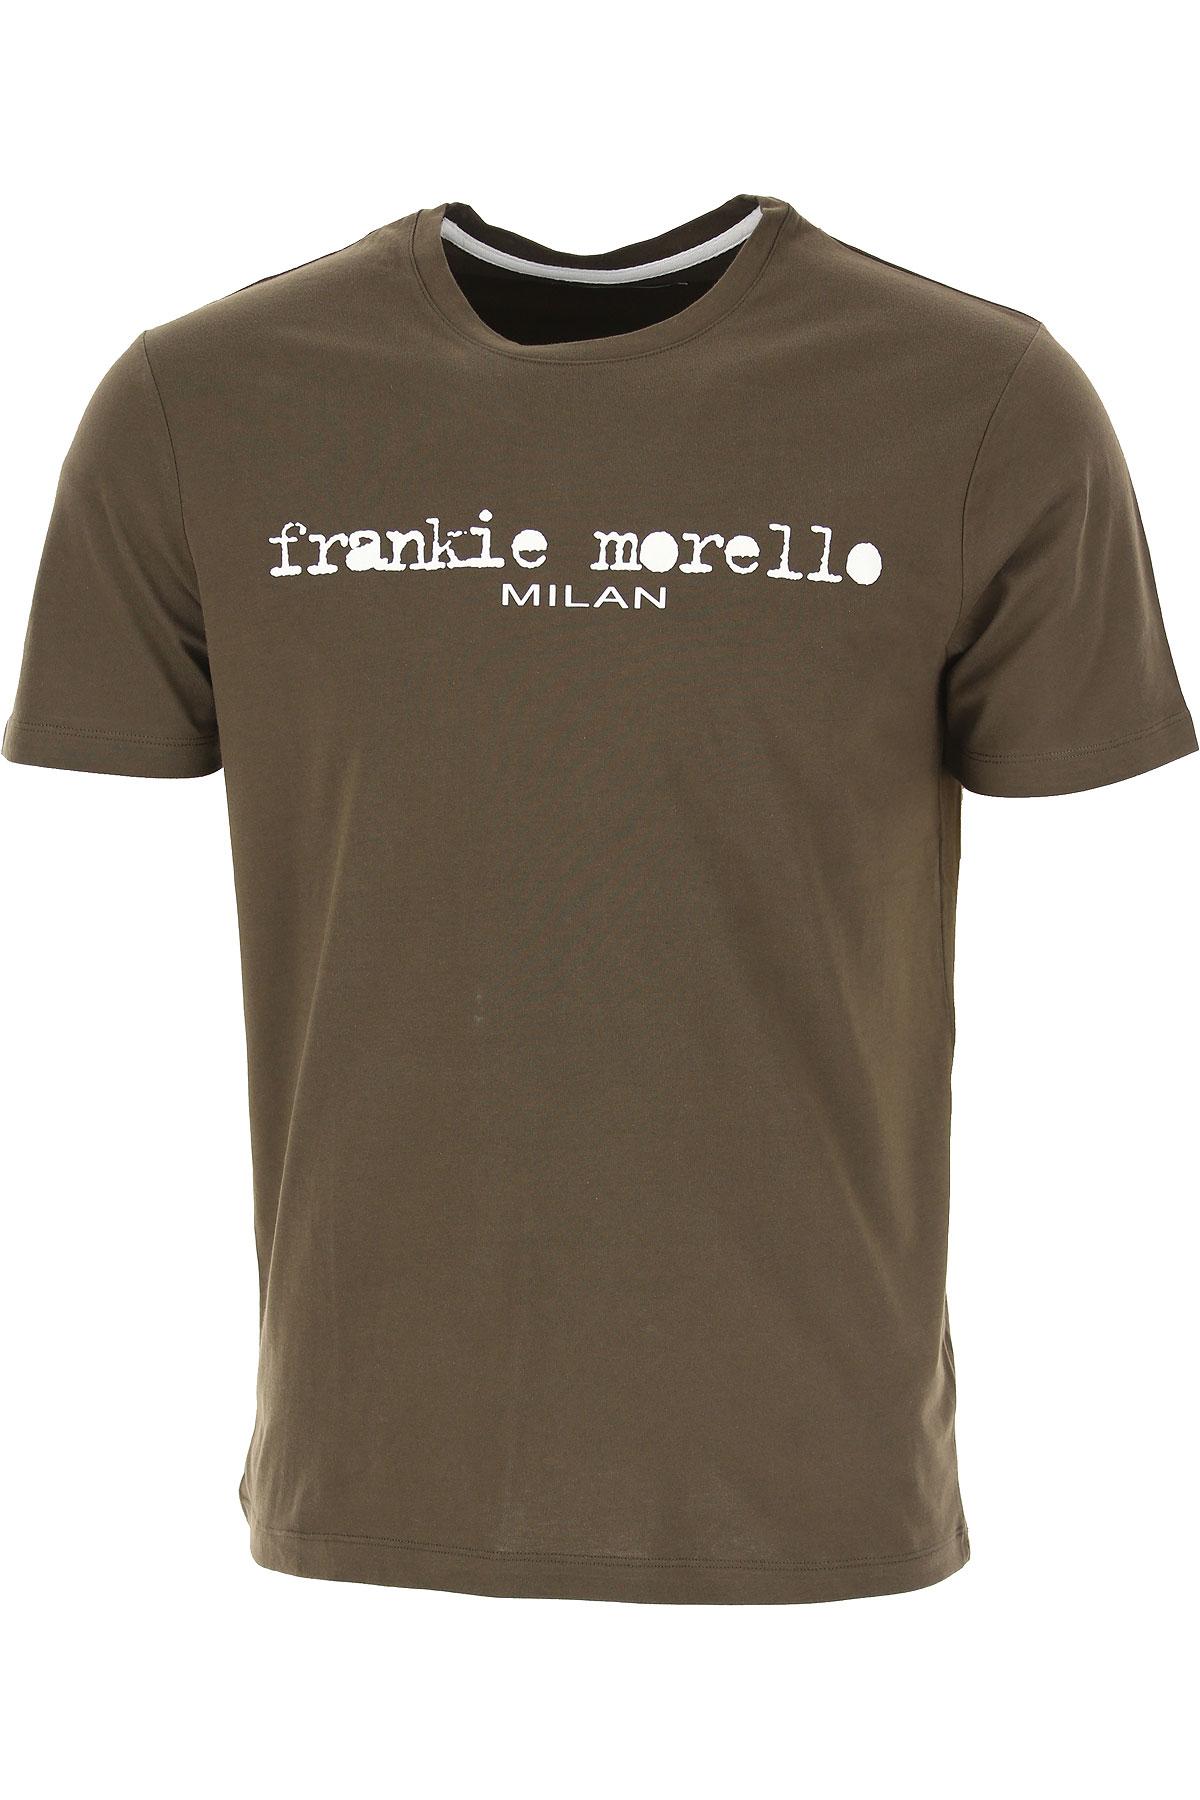 Frankie Morello T-shirt Homme, Tortue, Coton, 2019, L M S XL